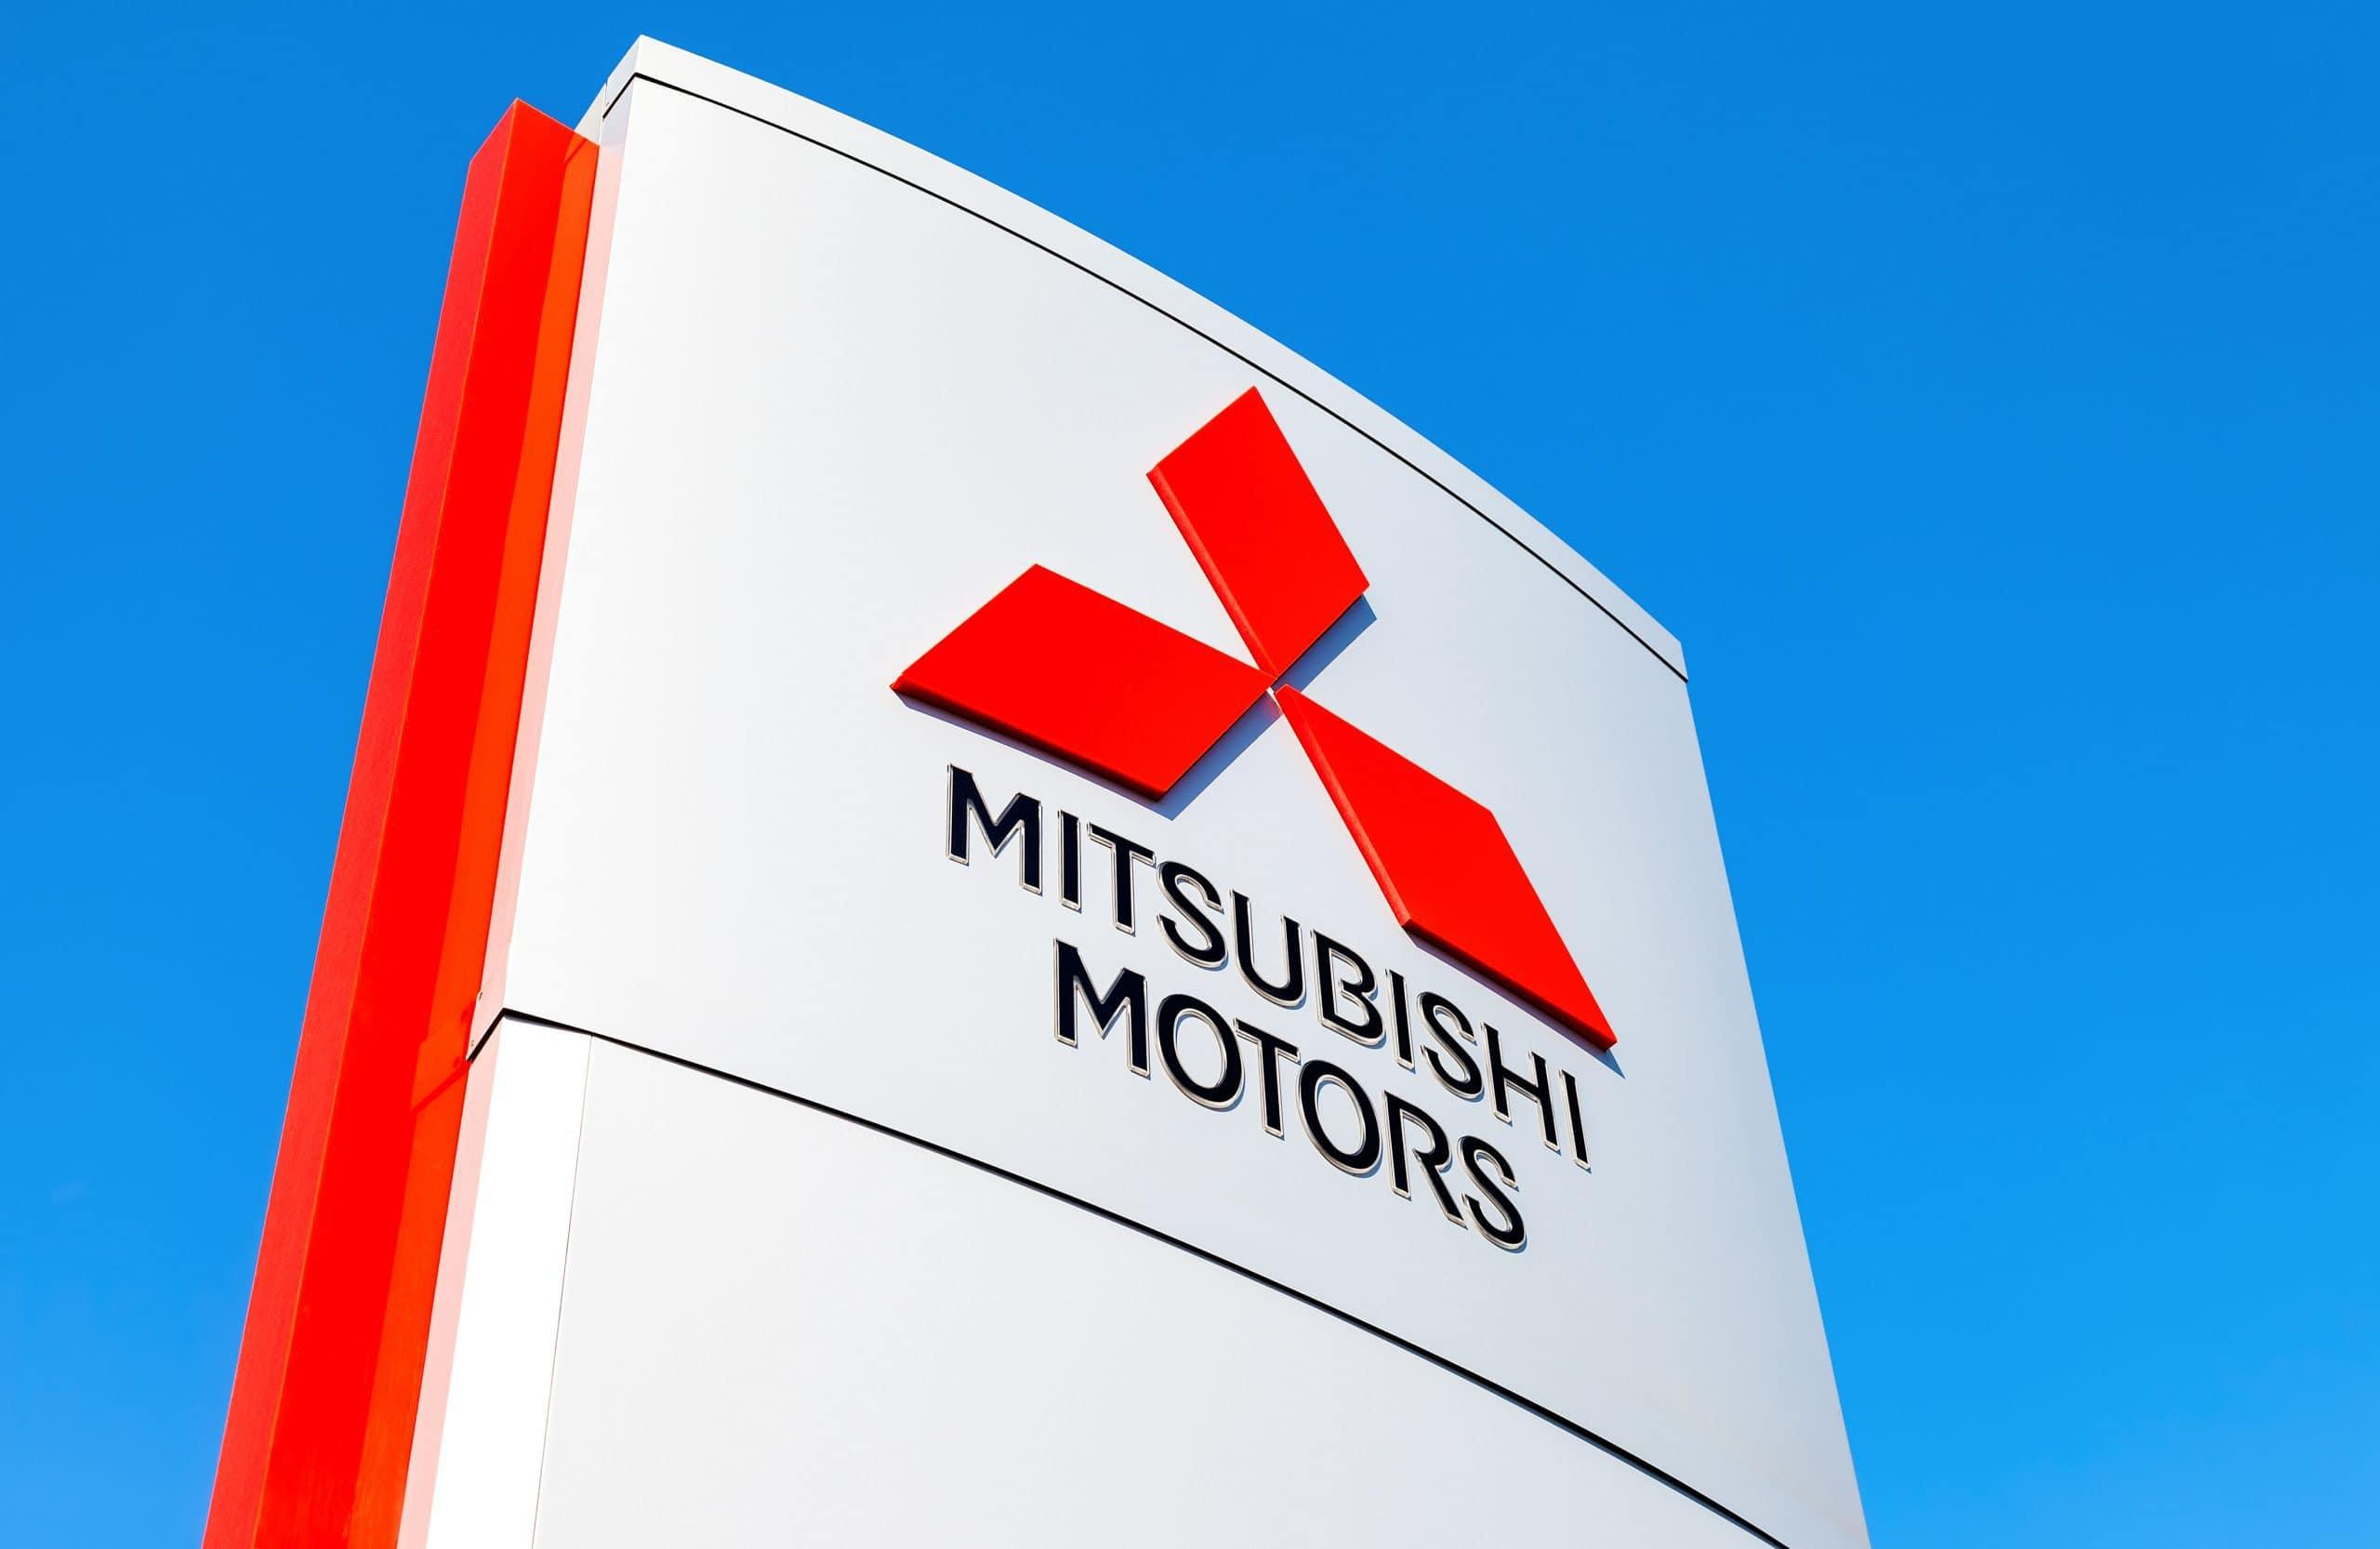 Mitsubishi-Schild im blauen Himmel.